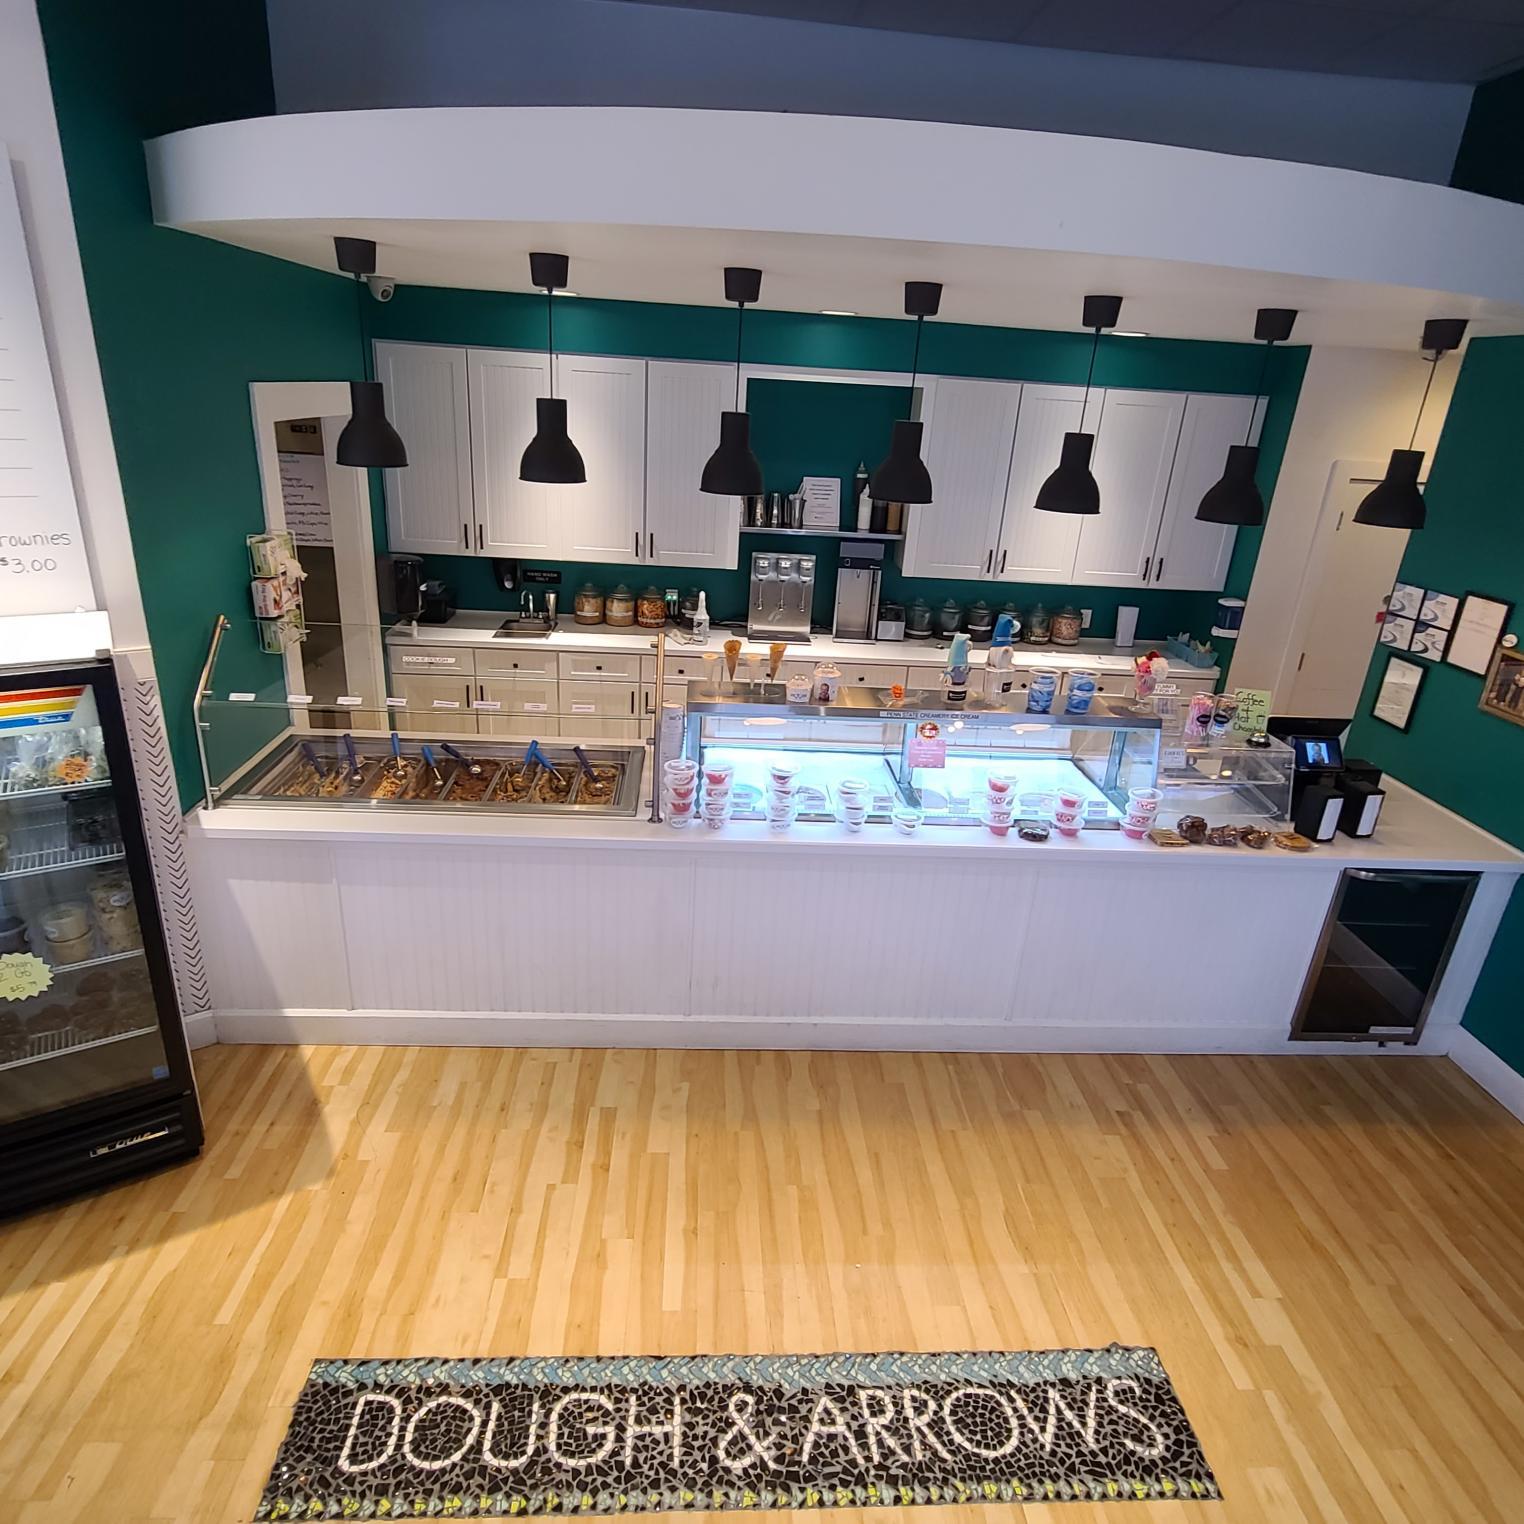 Dough & arrows